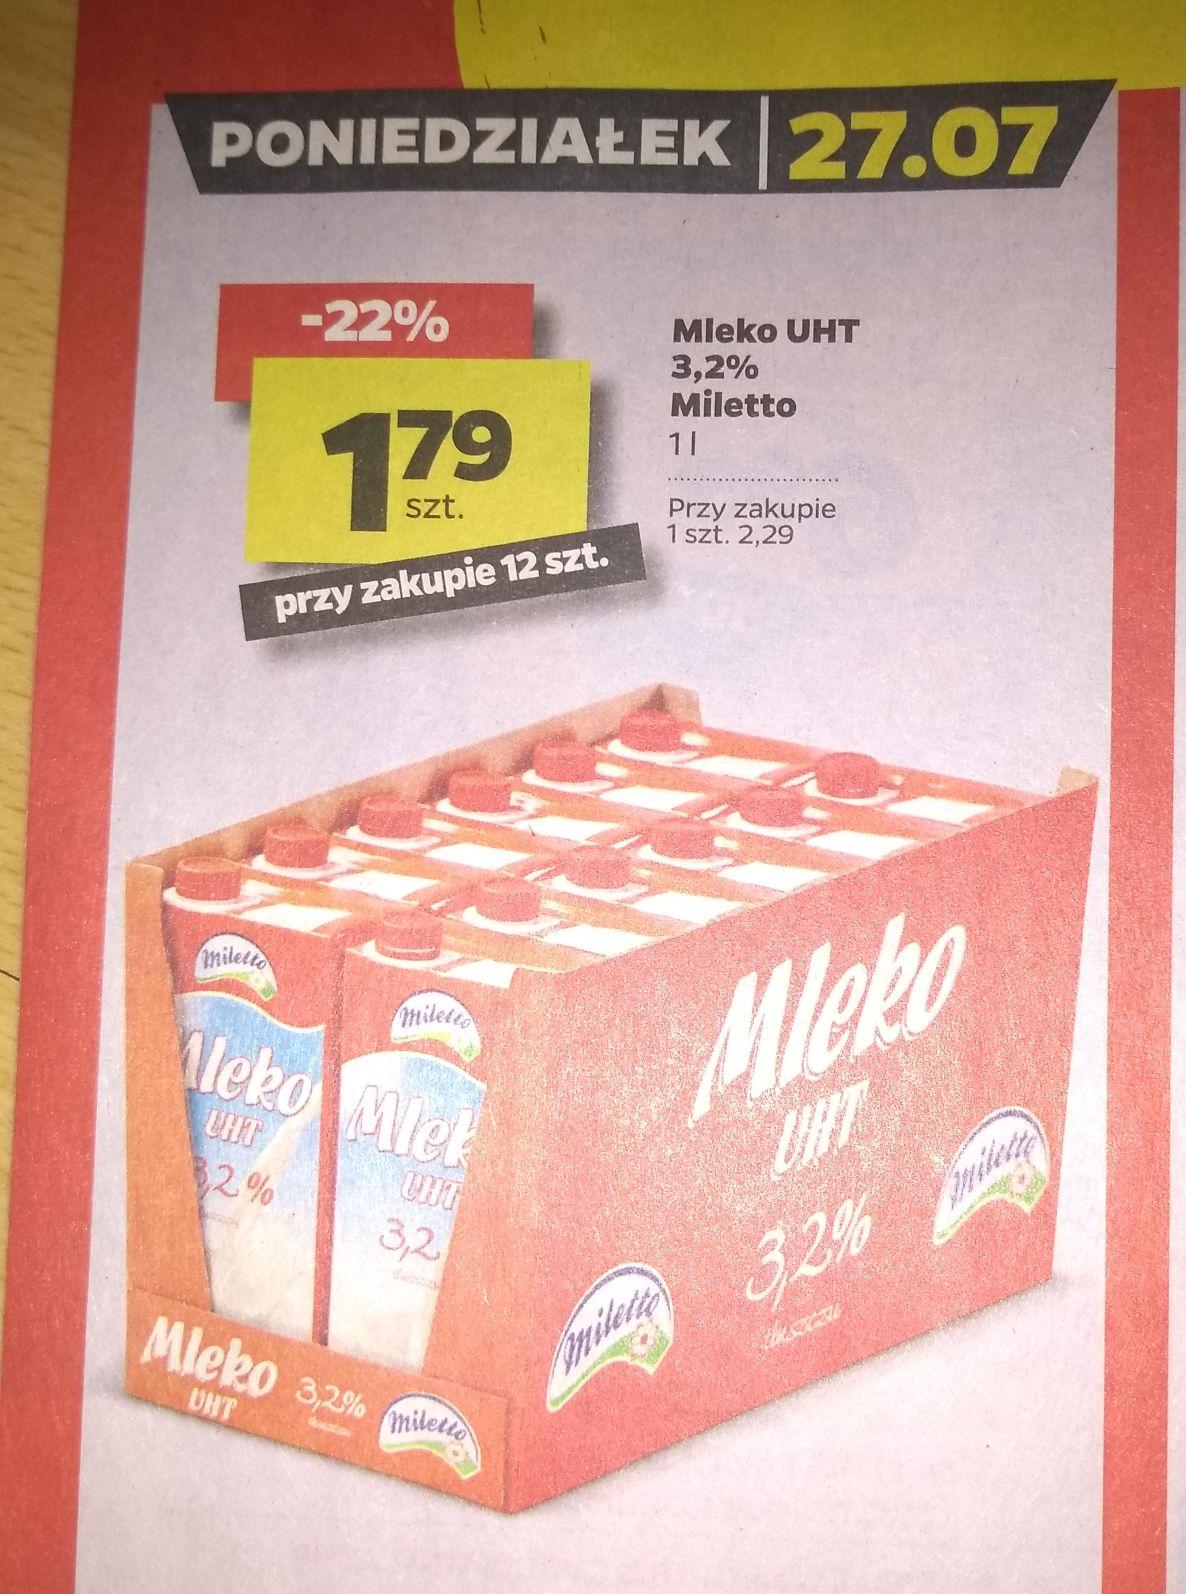 Mleko UHT Miletto 3,2% za 1,79 przy zakupie 12szt w Netto 27.07.